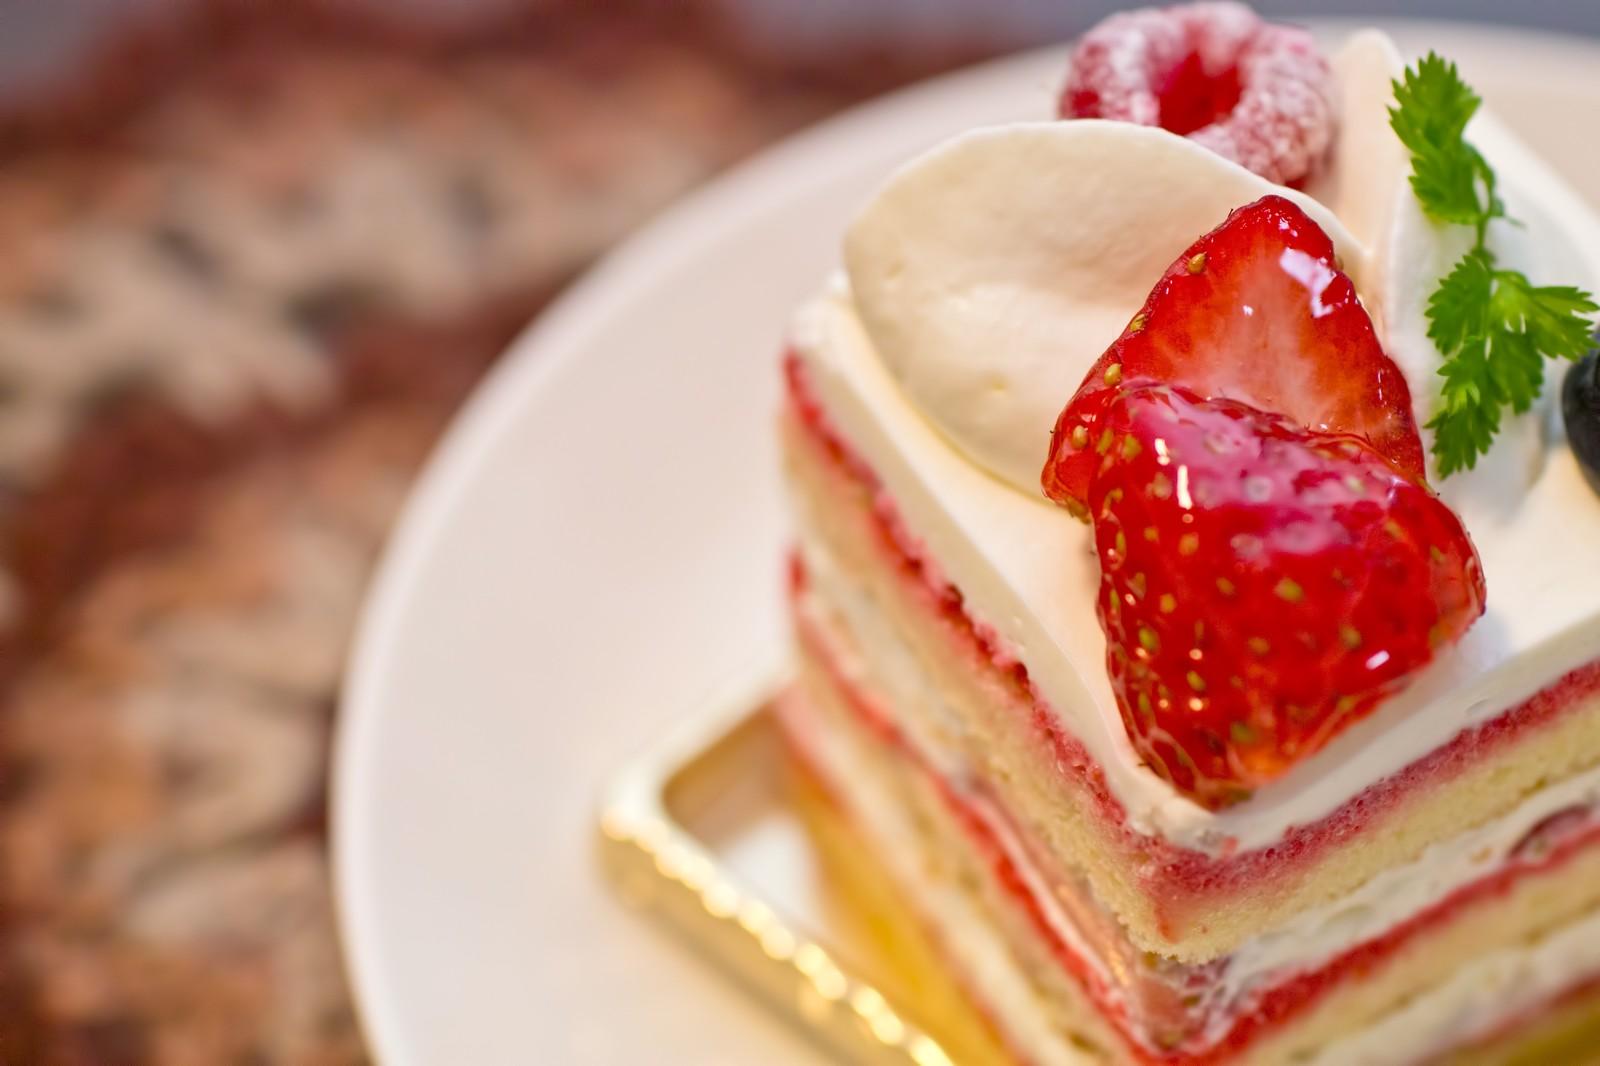 西荻窪のケーキ屋TOP13!行列必死の名店や誕生日に人気の店など!